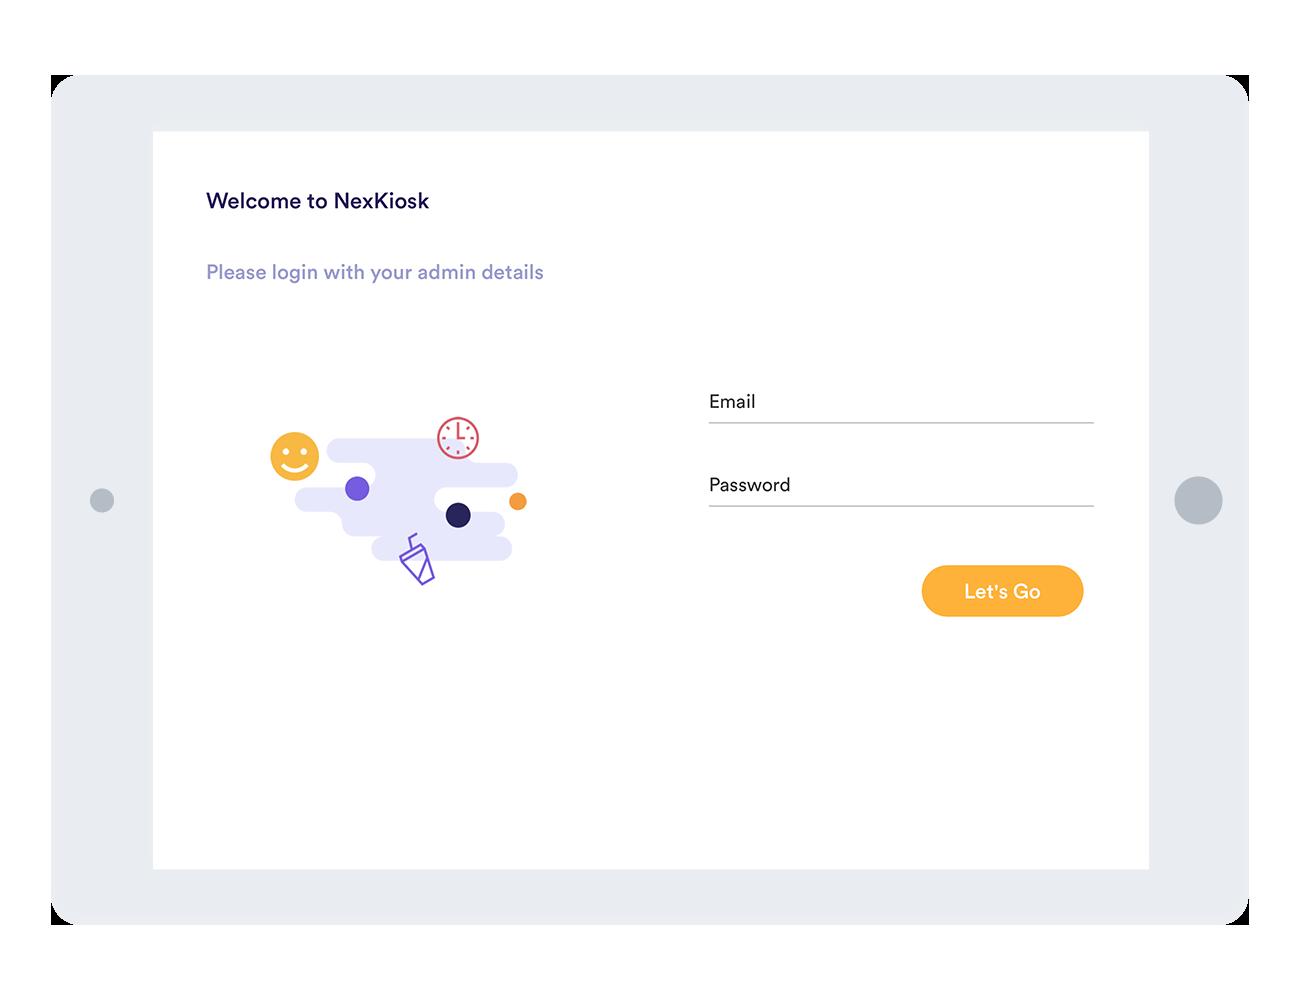 NexKiosk homepage screenshot on iPad frame